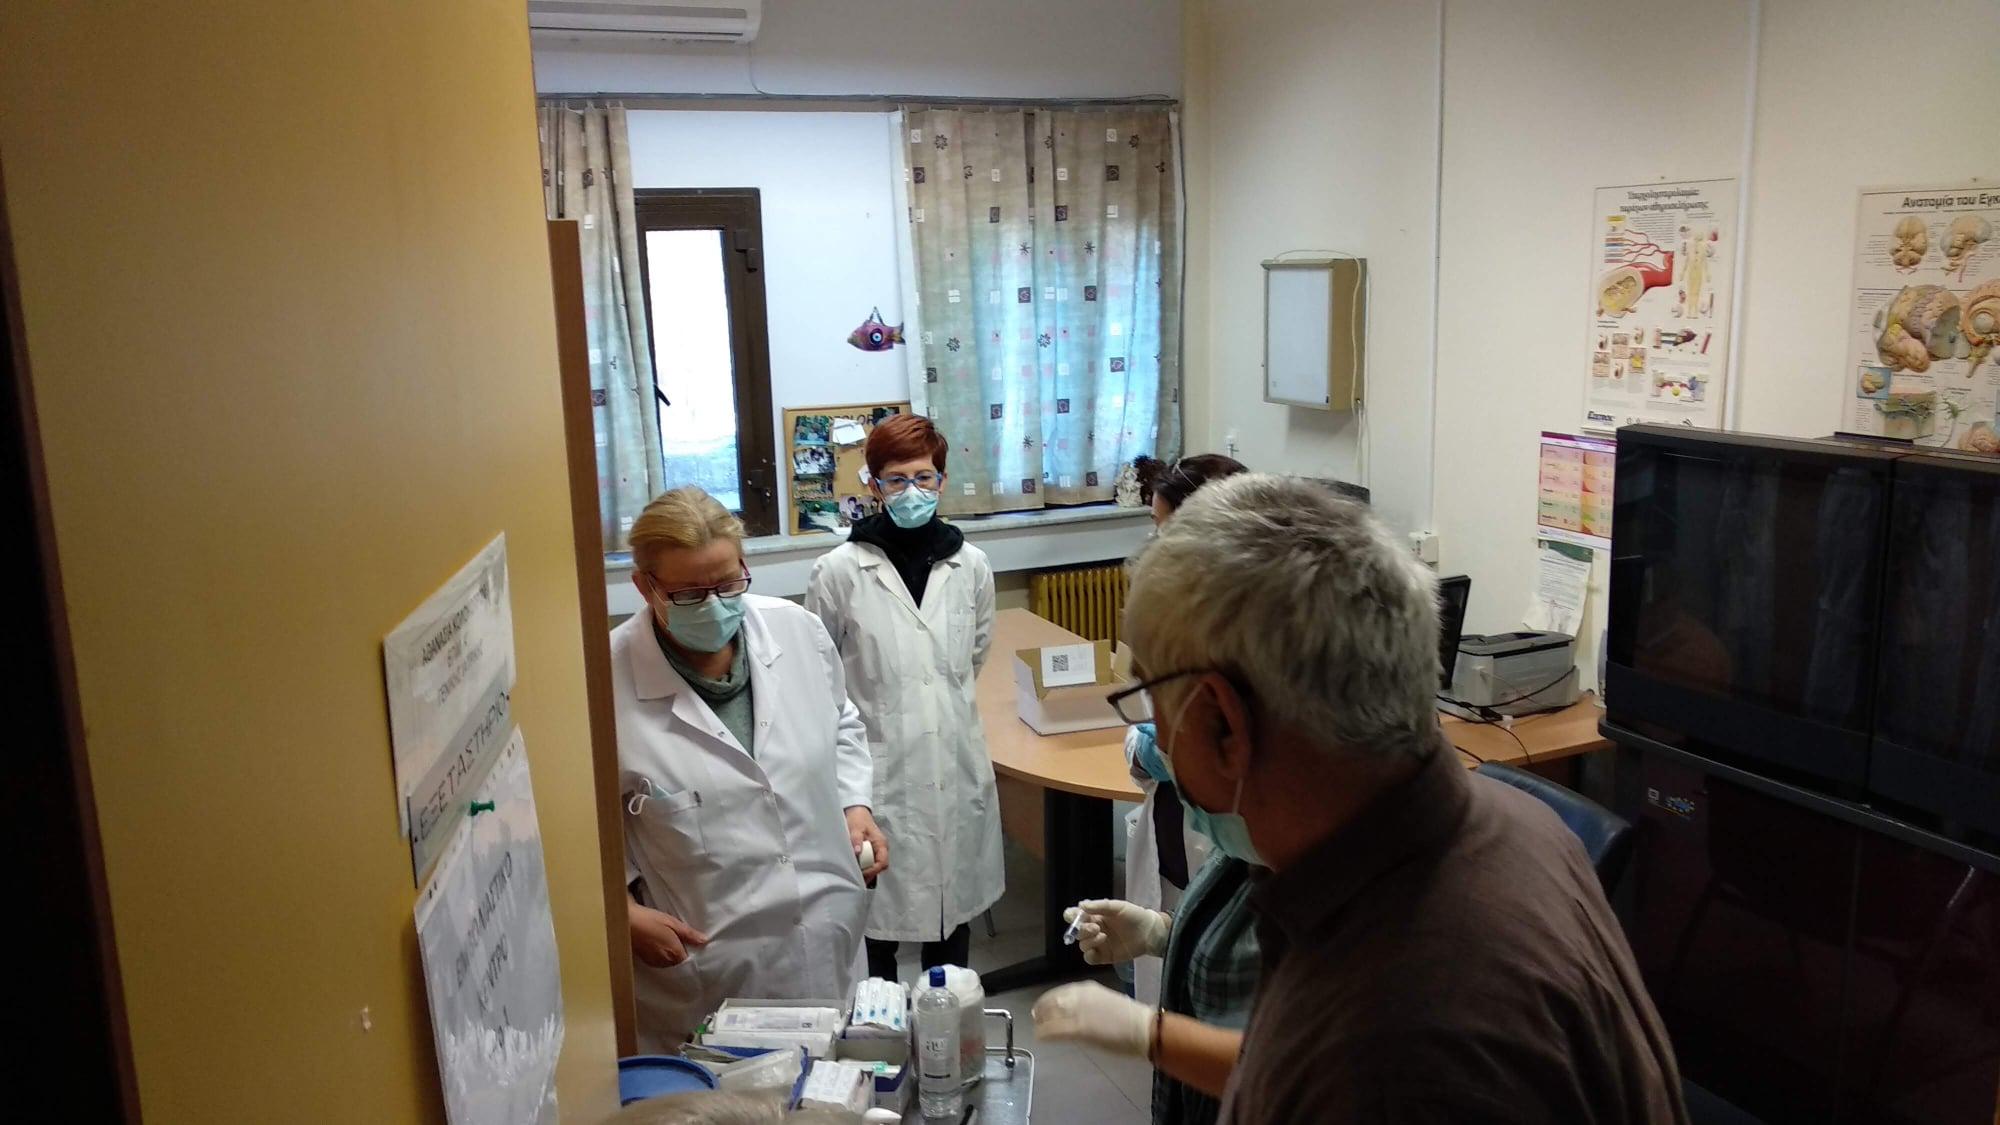 Ξάνθη: Εμβολιαστικό κέντρο στον Εχίνο - Ξεκίνησαν τα εμβόλια